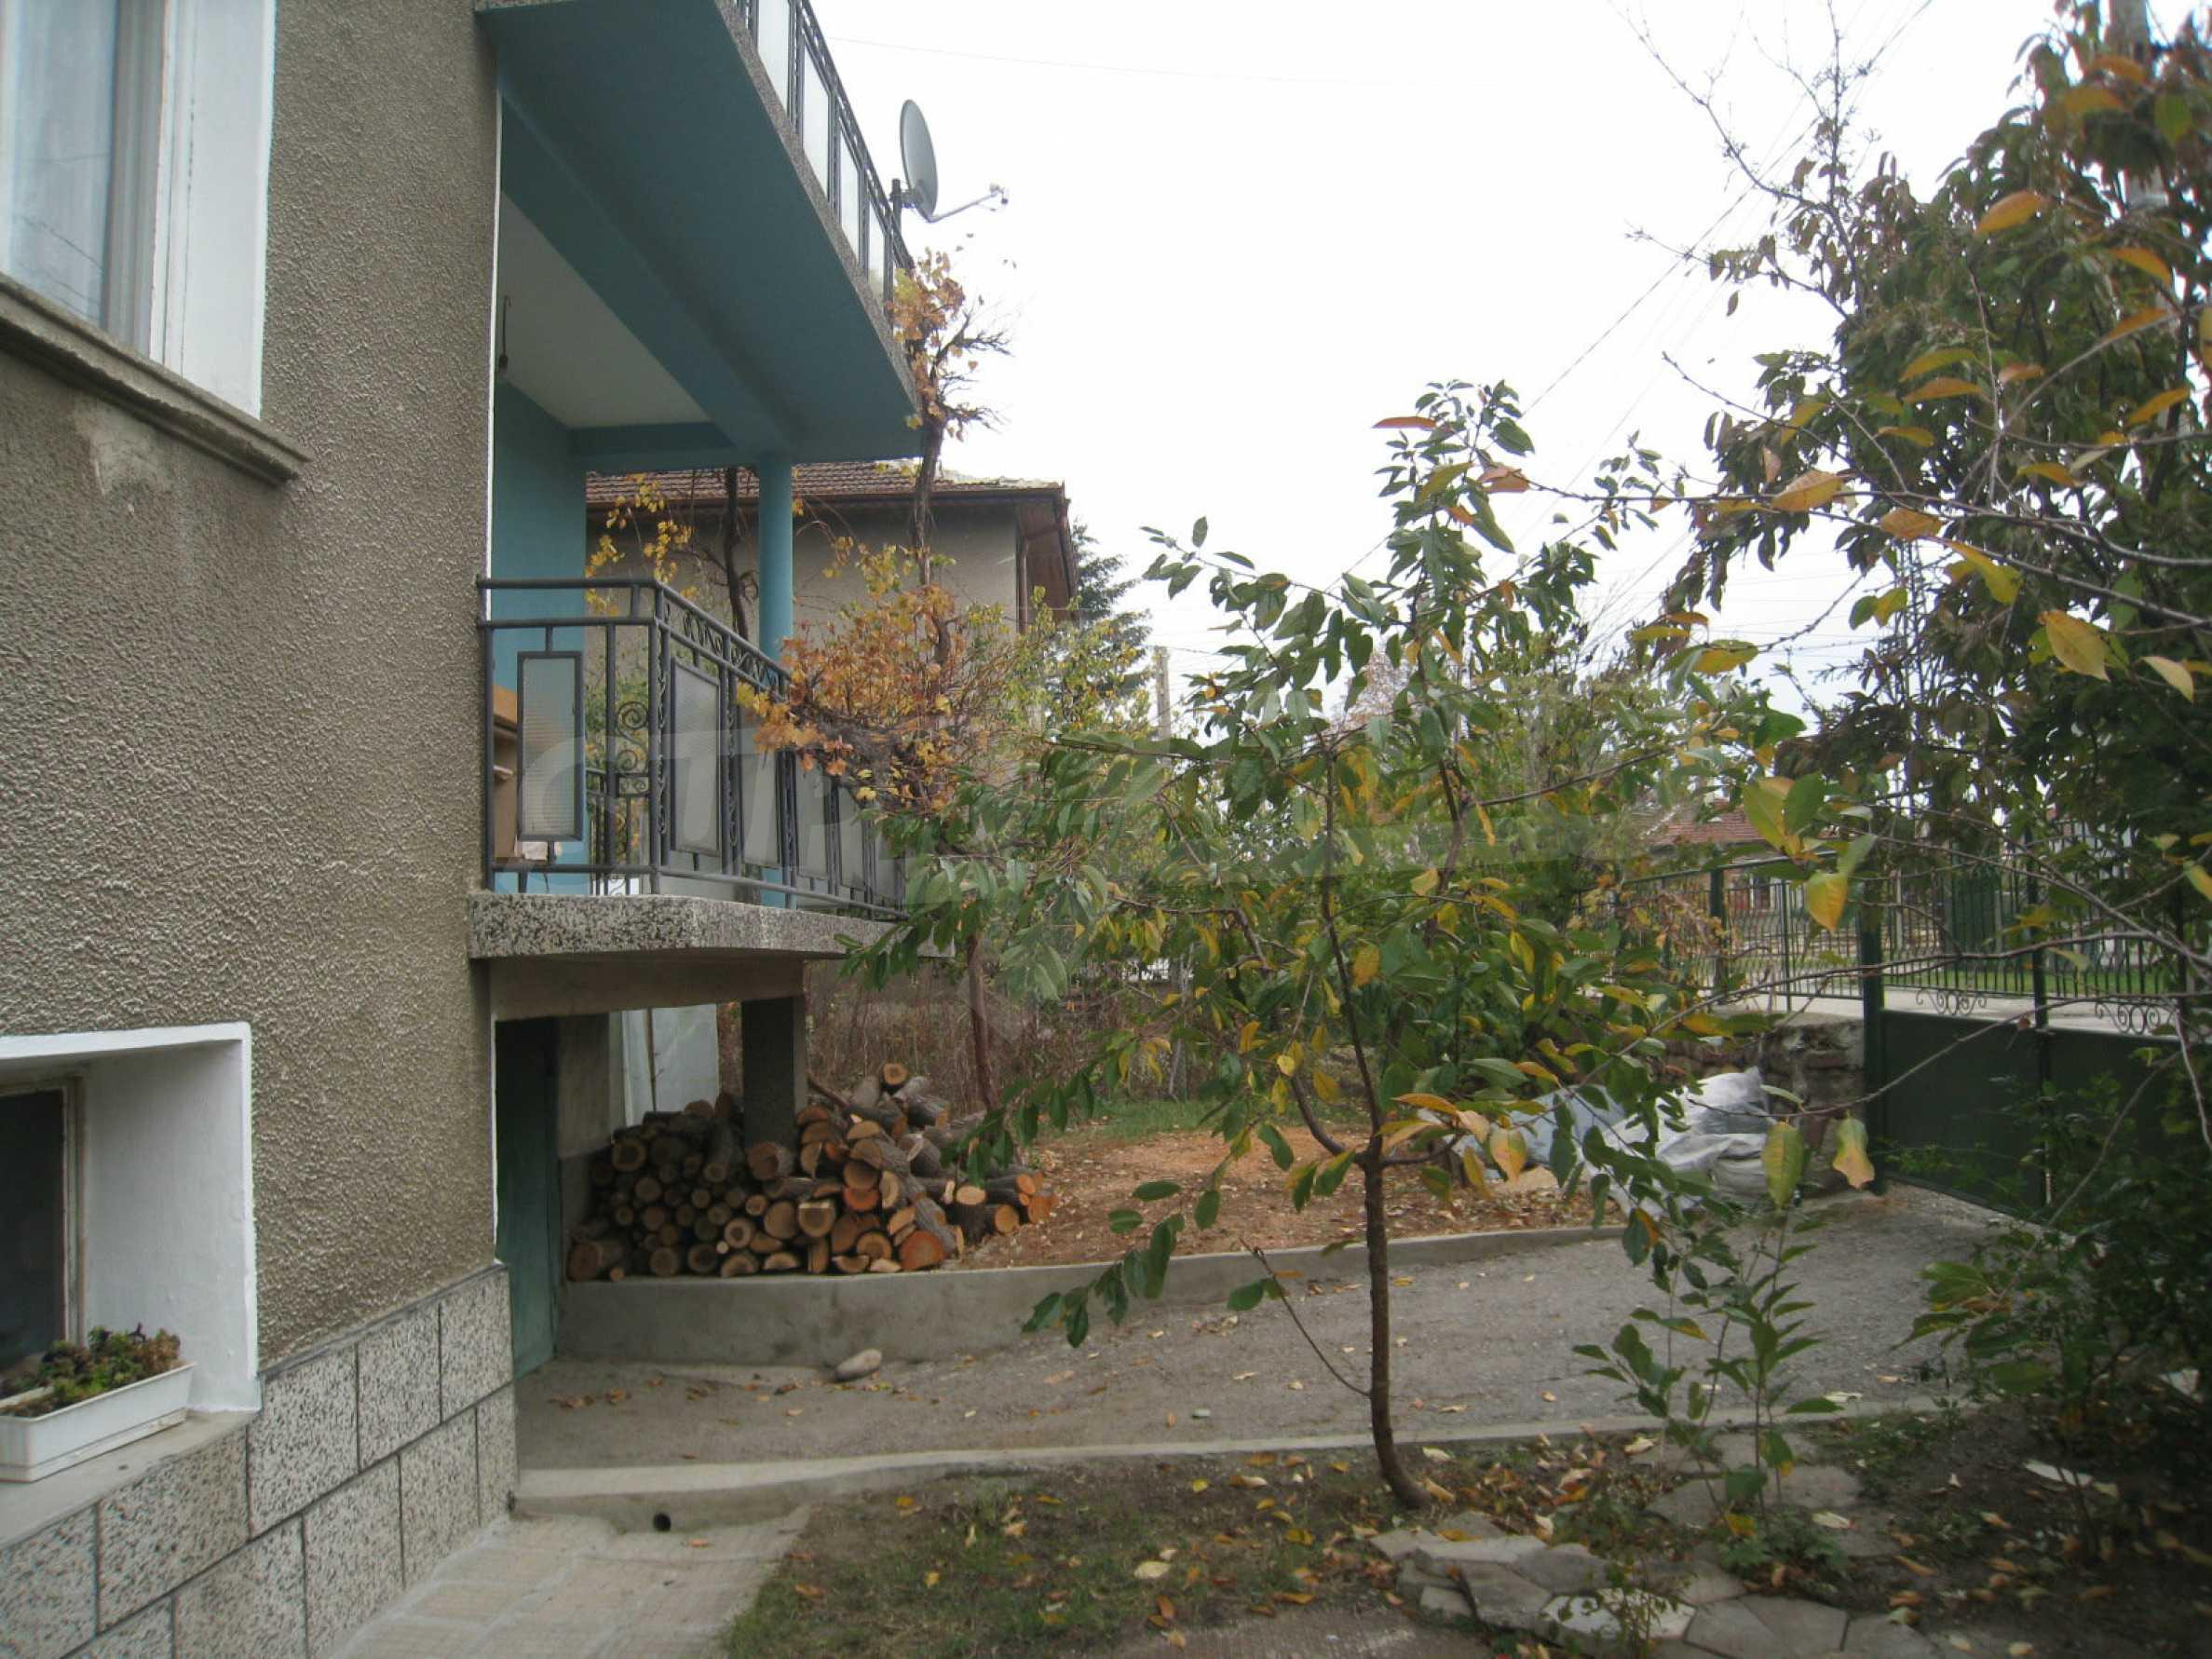 Großes zweistöckiges Haus mit Hof in einem Dorf in der Nähe von Sofia 64